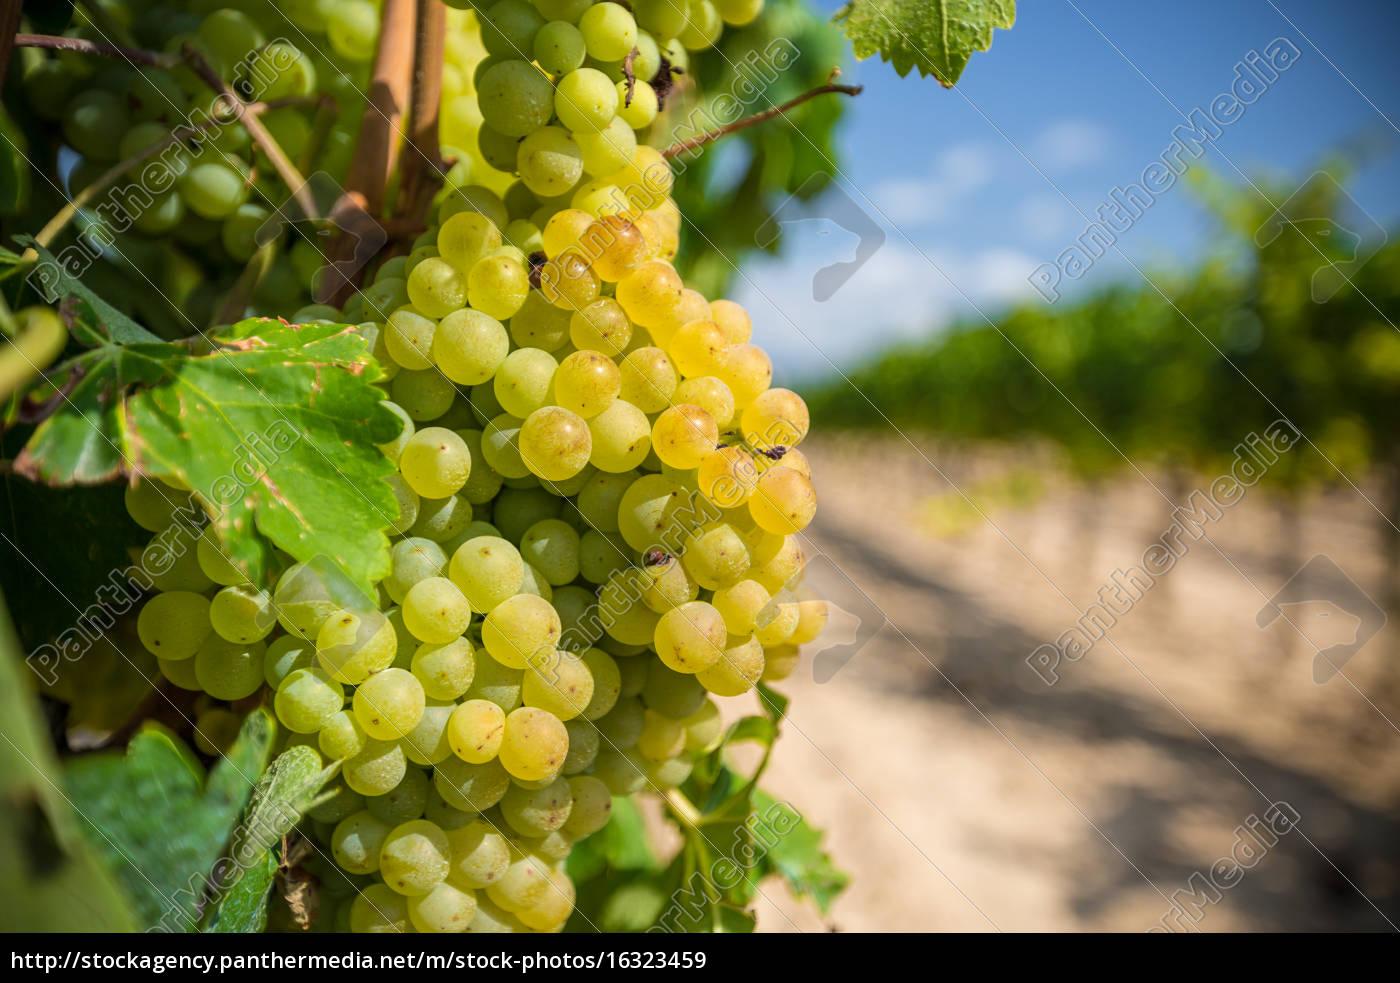 videira, com, uvas, brancas - 16323459